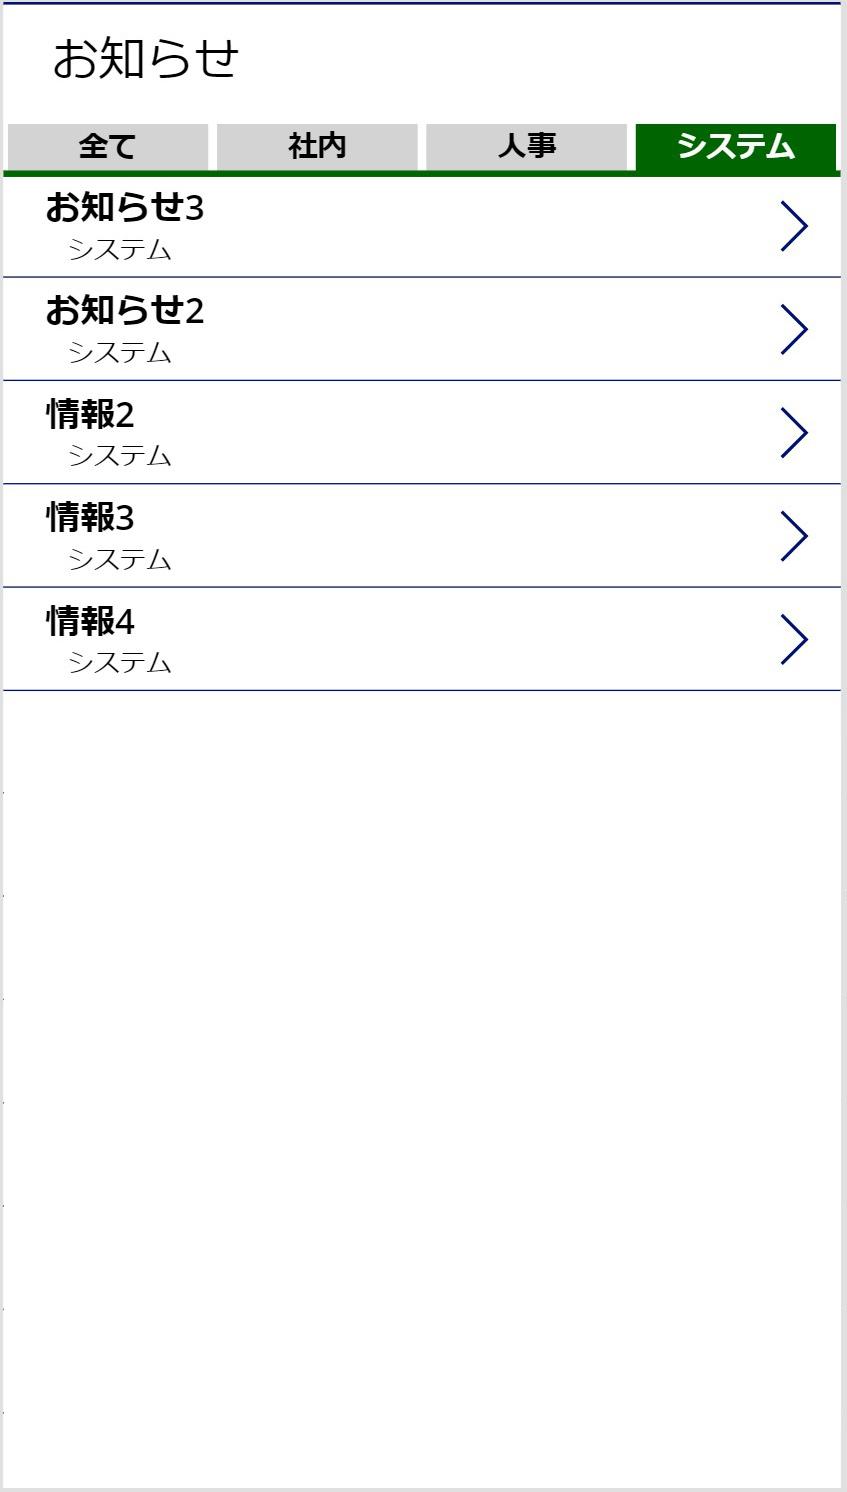 完成したアプリ3